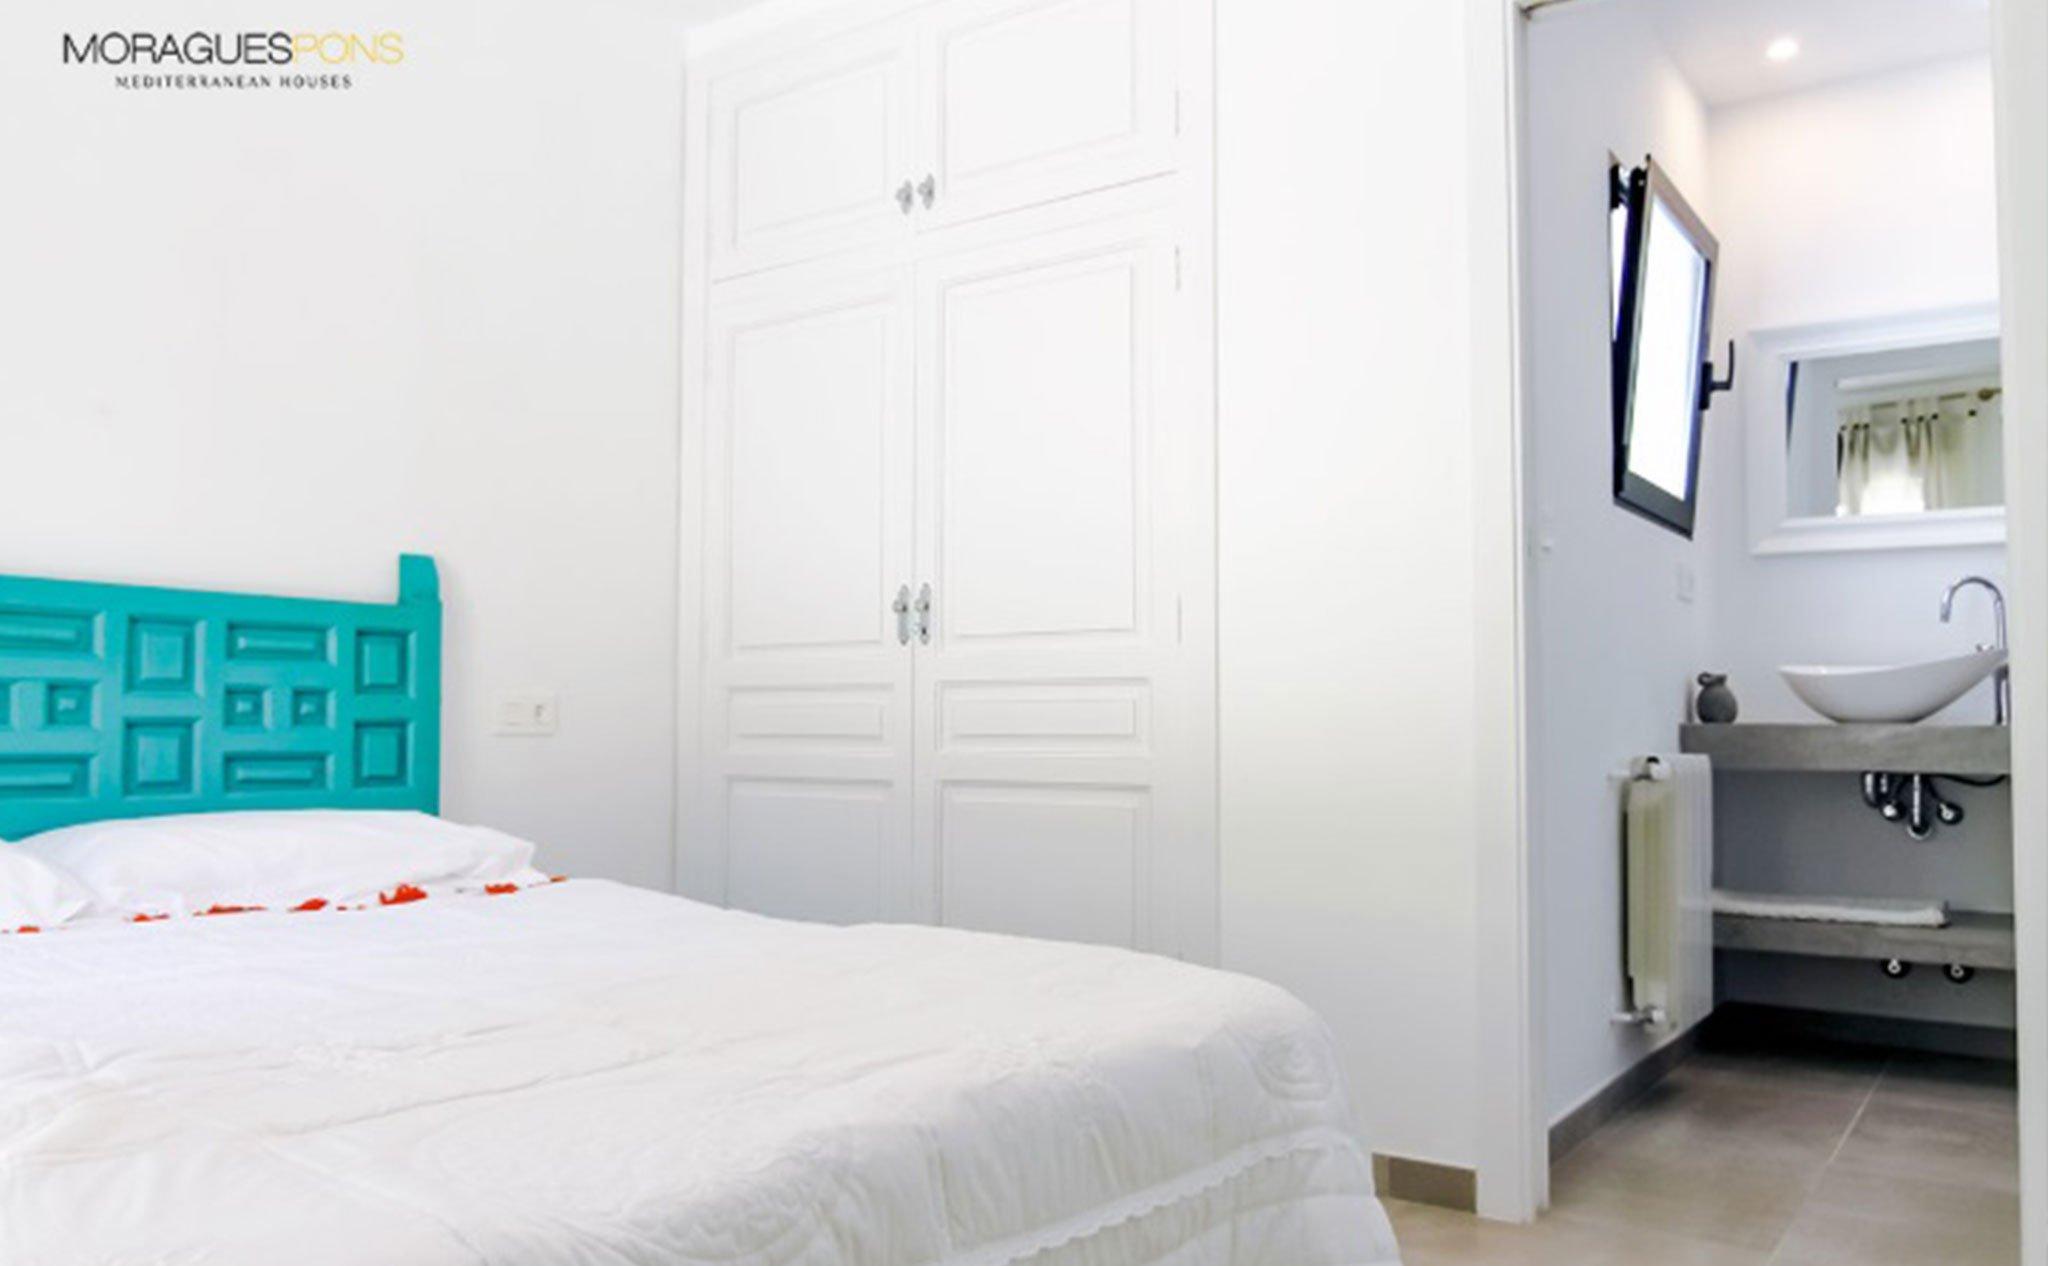 Una de las habitaciones de una casa en venta o alquiler en Jávea – MORAGUESPONS Mediterranean Houses